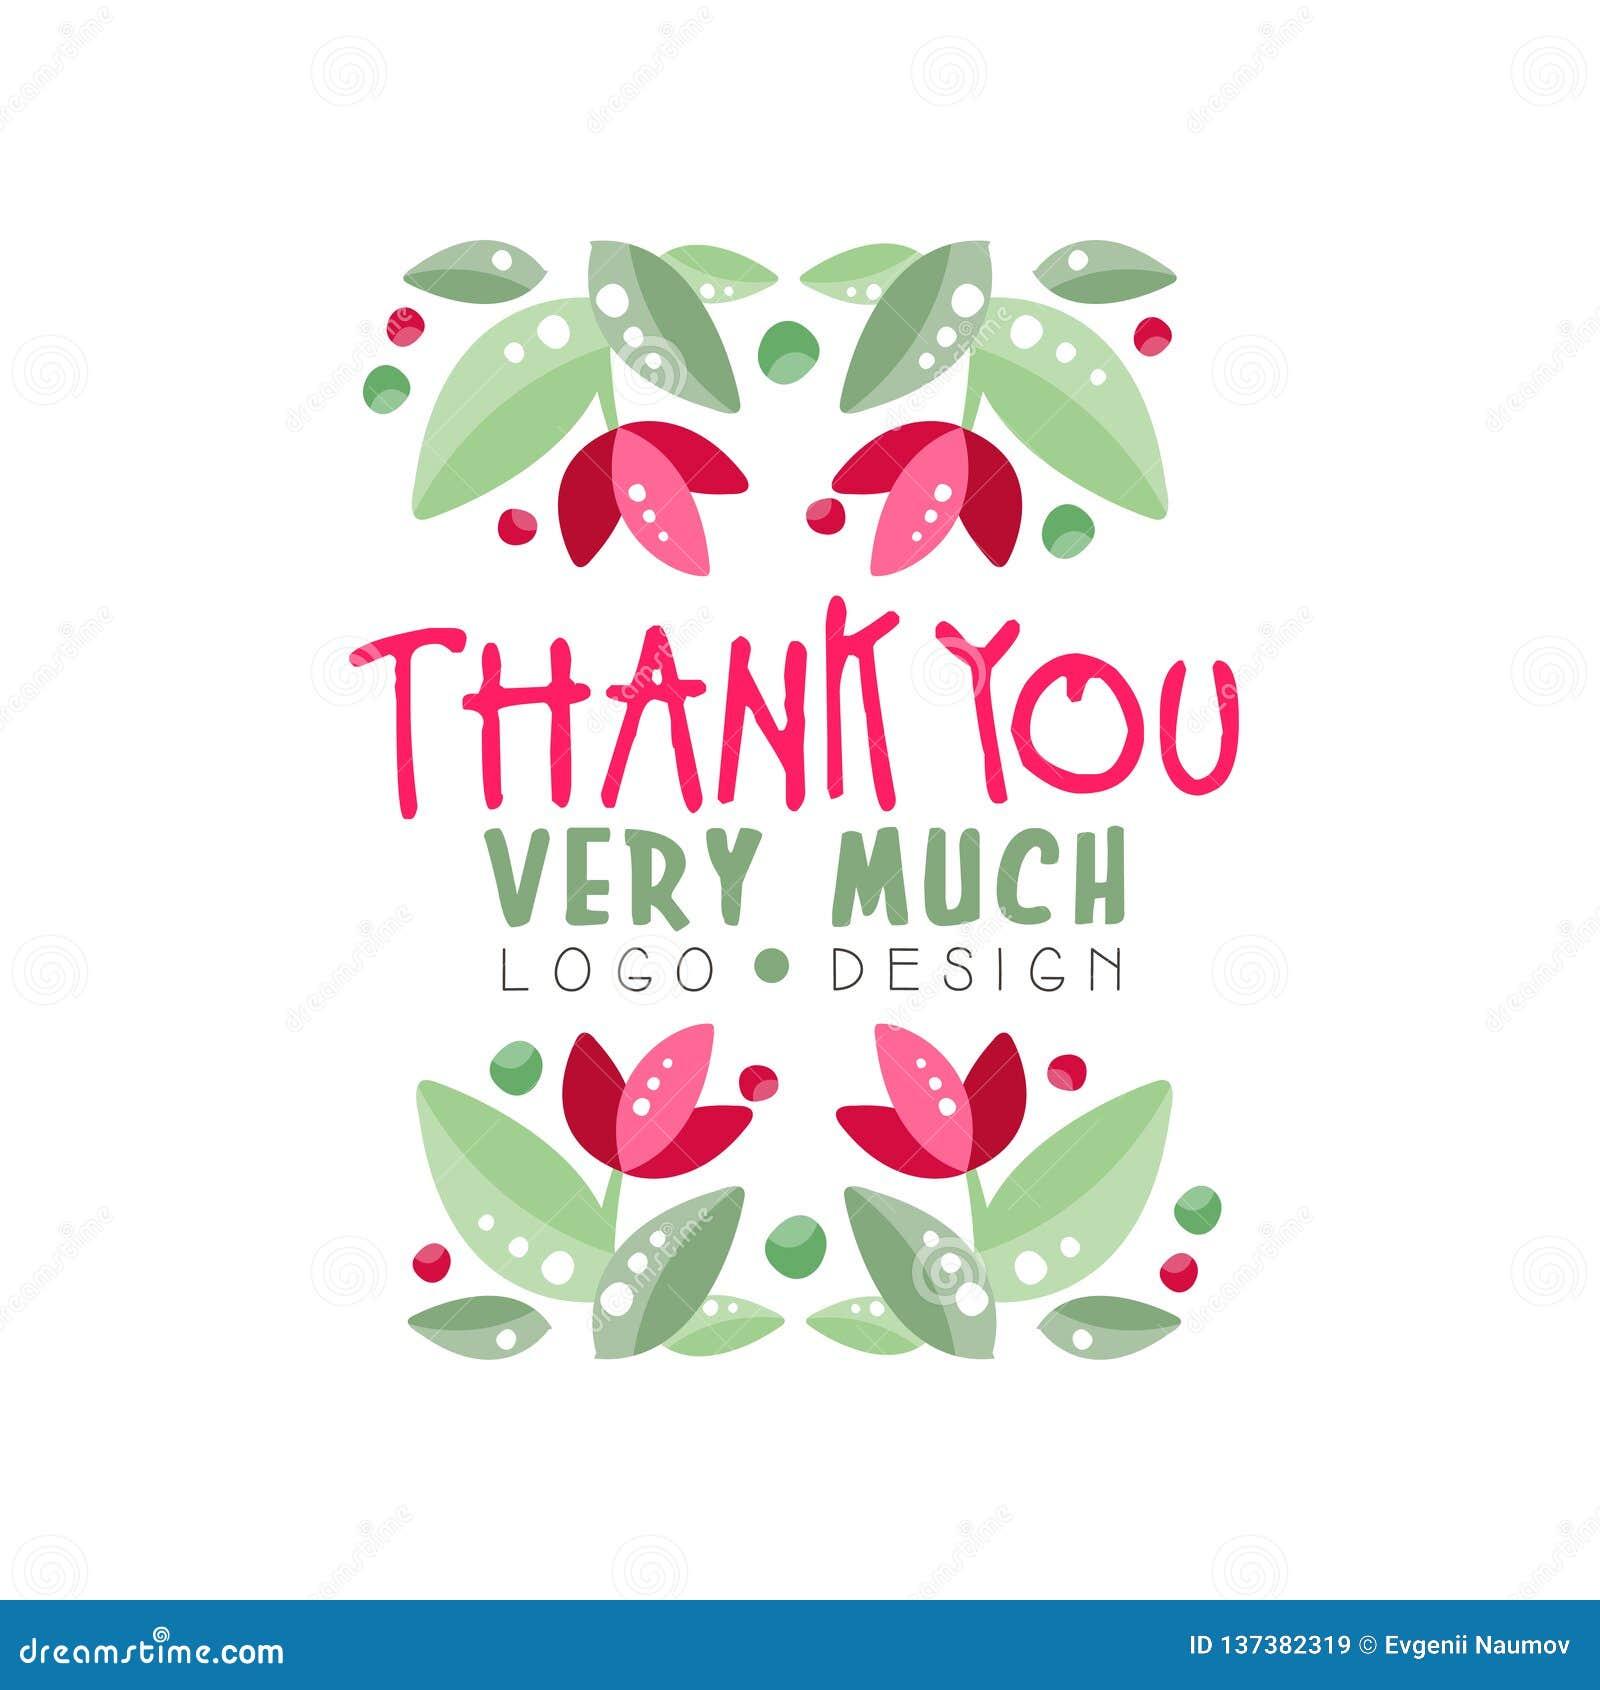 Dziękuje Ciebie Bardzo Dużo logo projekt, wakacje karta, sztandar, zaproszenie z literowaniem, etykietka z kwiecistymi elementami